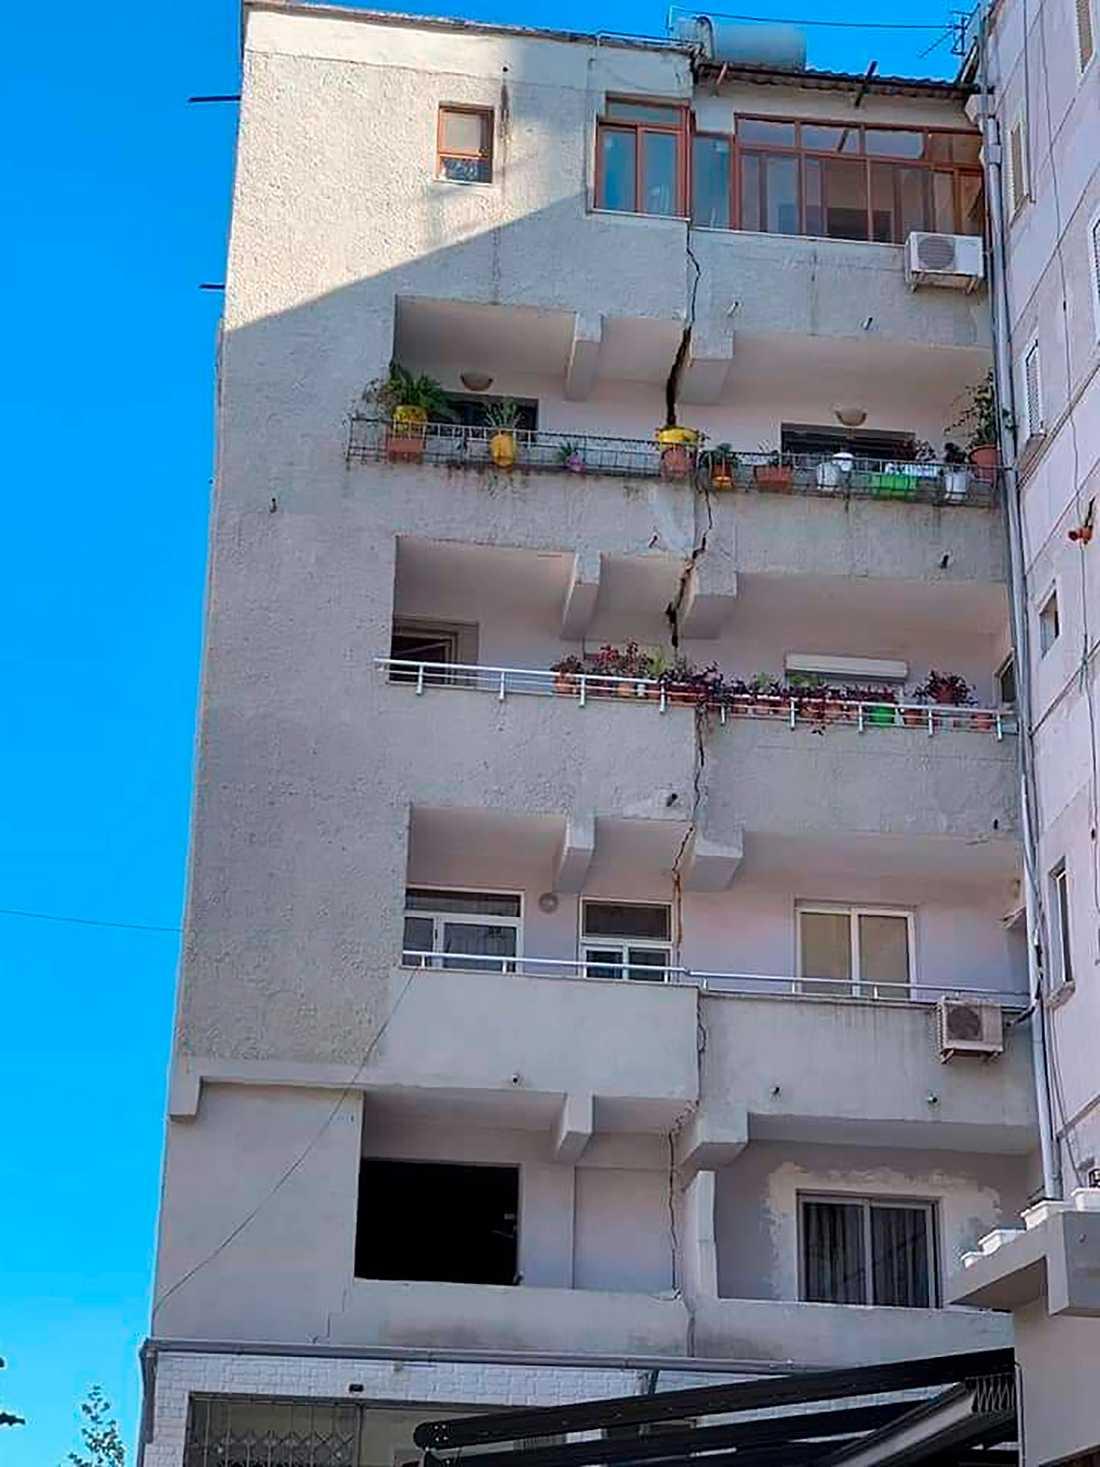 Totalt 97 hus skadades i huvudstaden Tirana och i Durres.